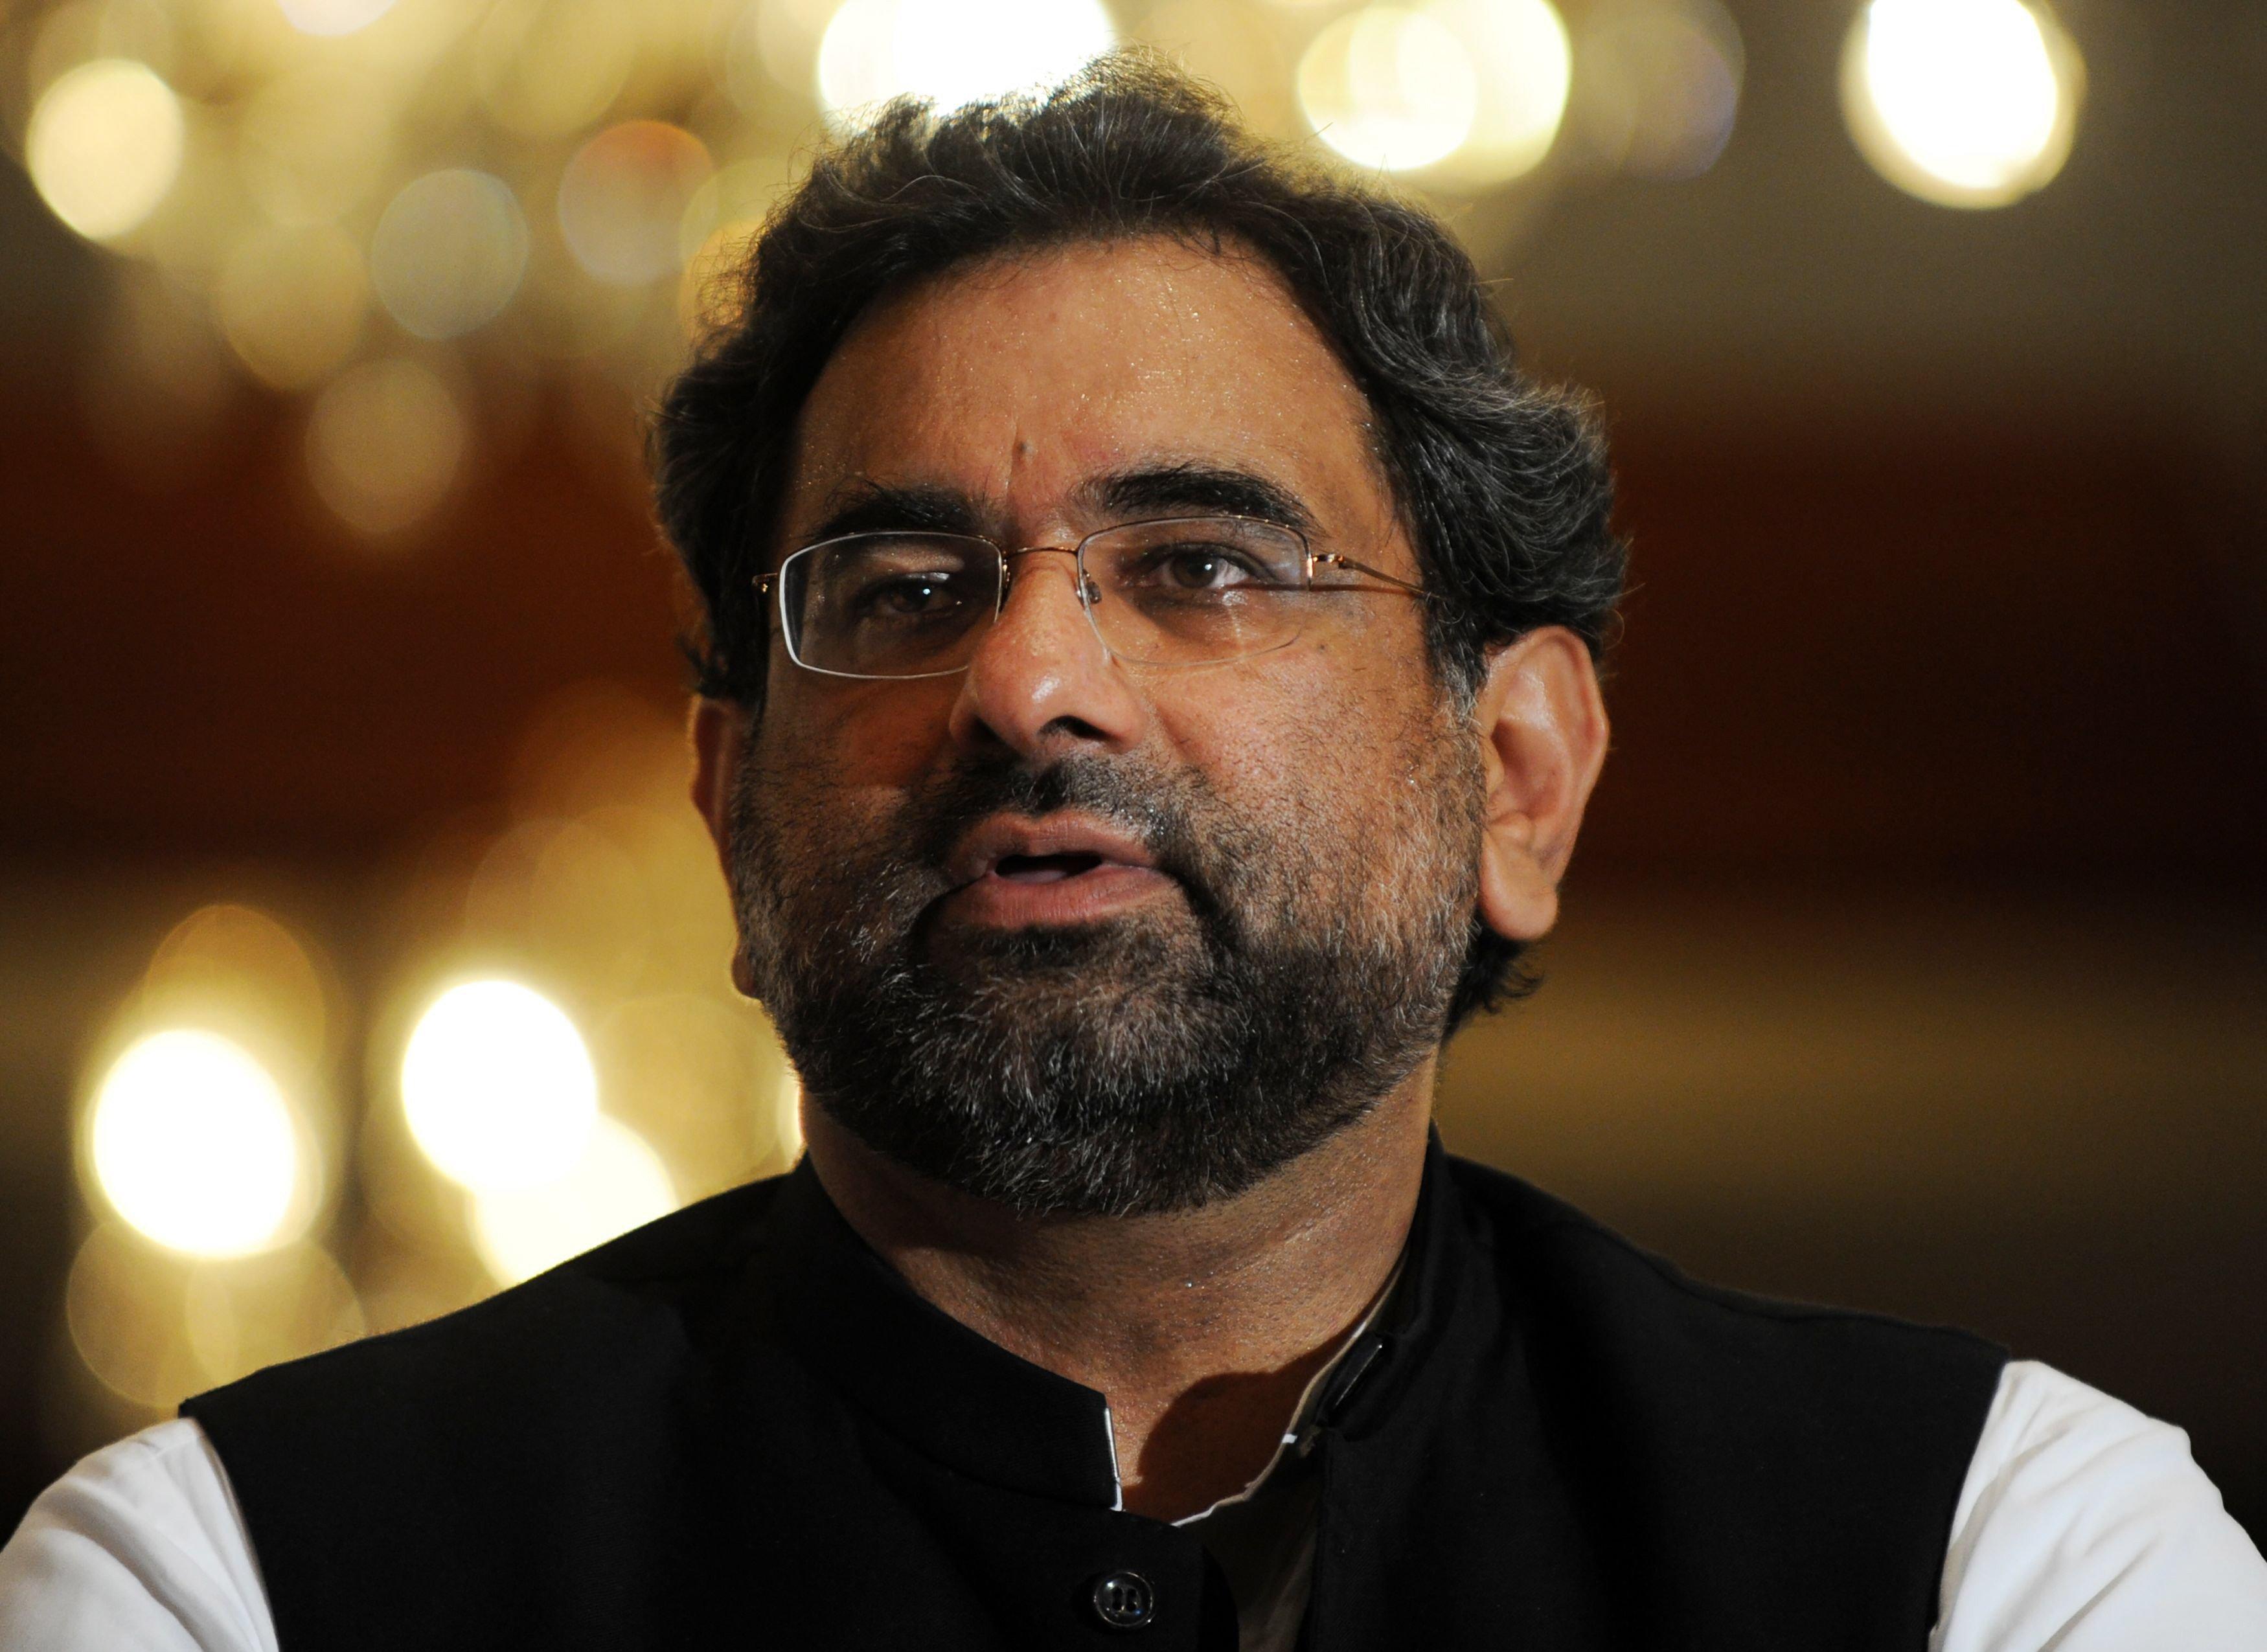 shahid khaqan abbasi undergoes medical examination at pims